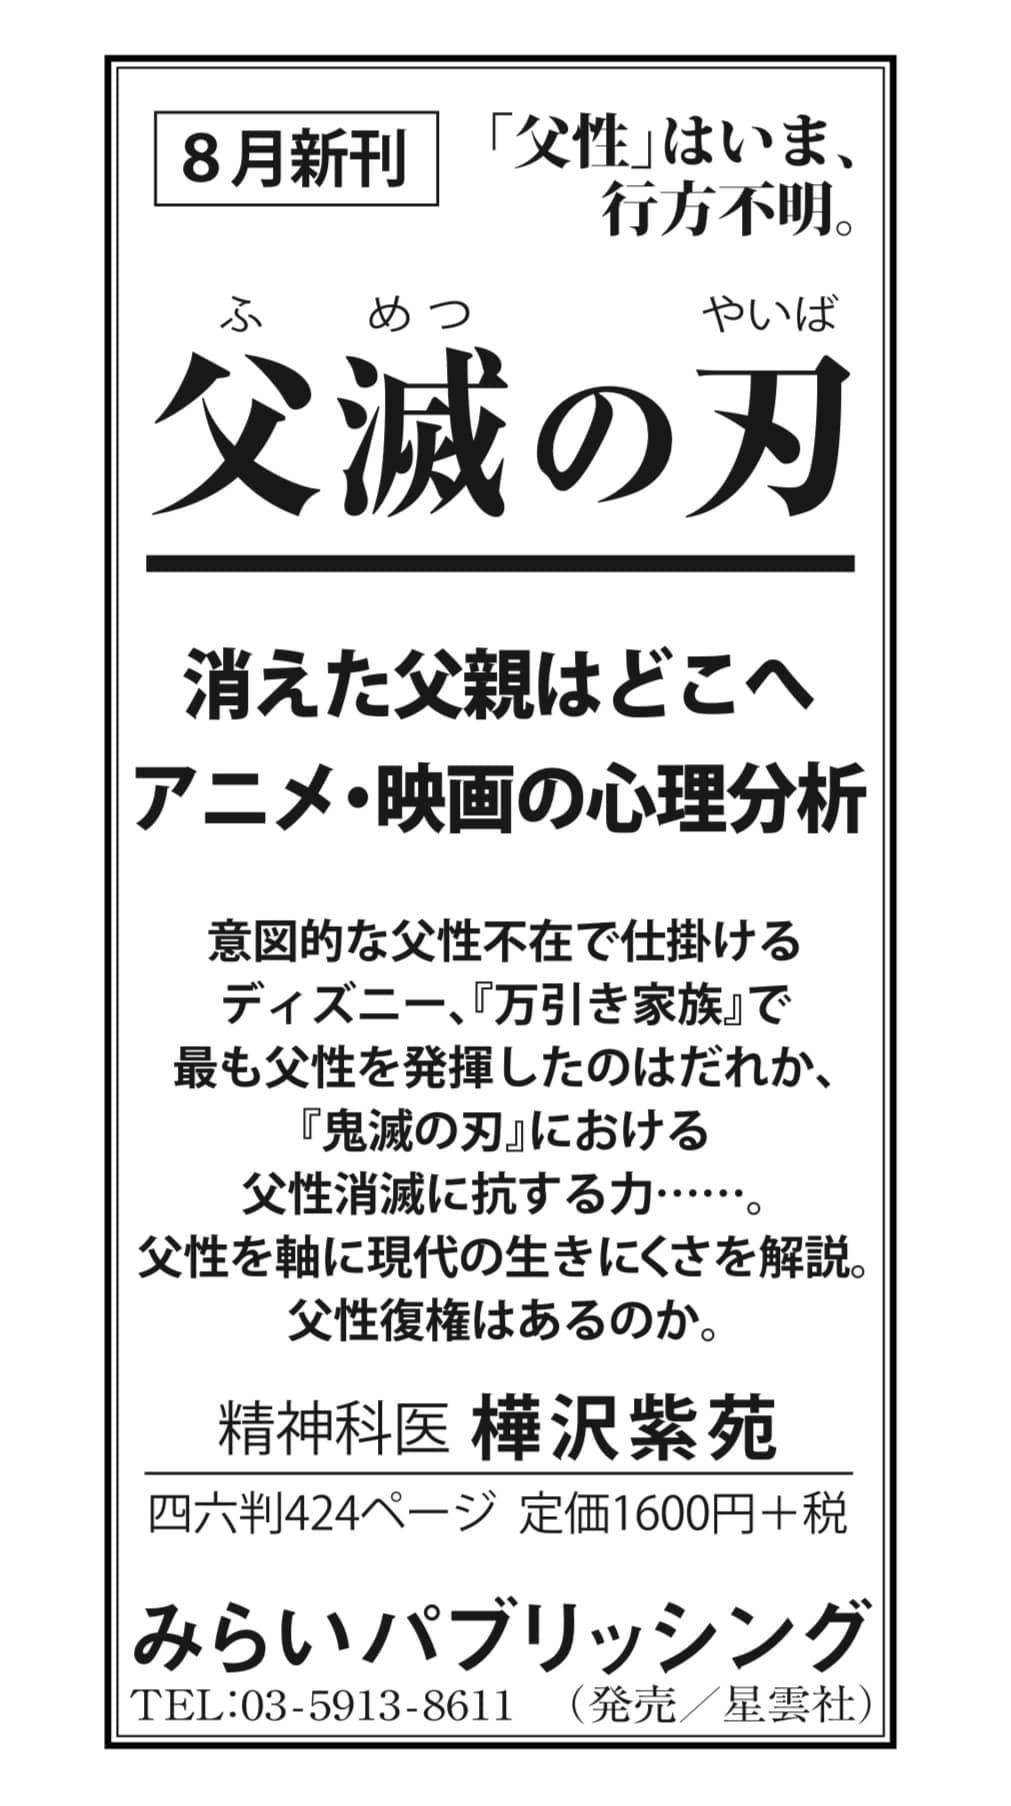 学 所 心理 樺沢 研究